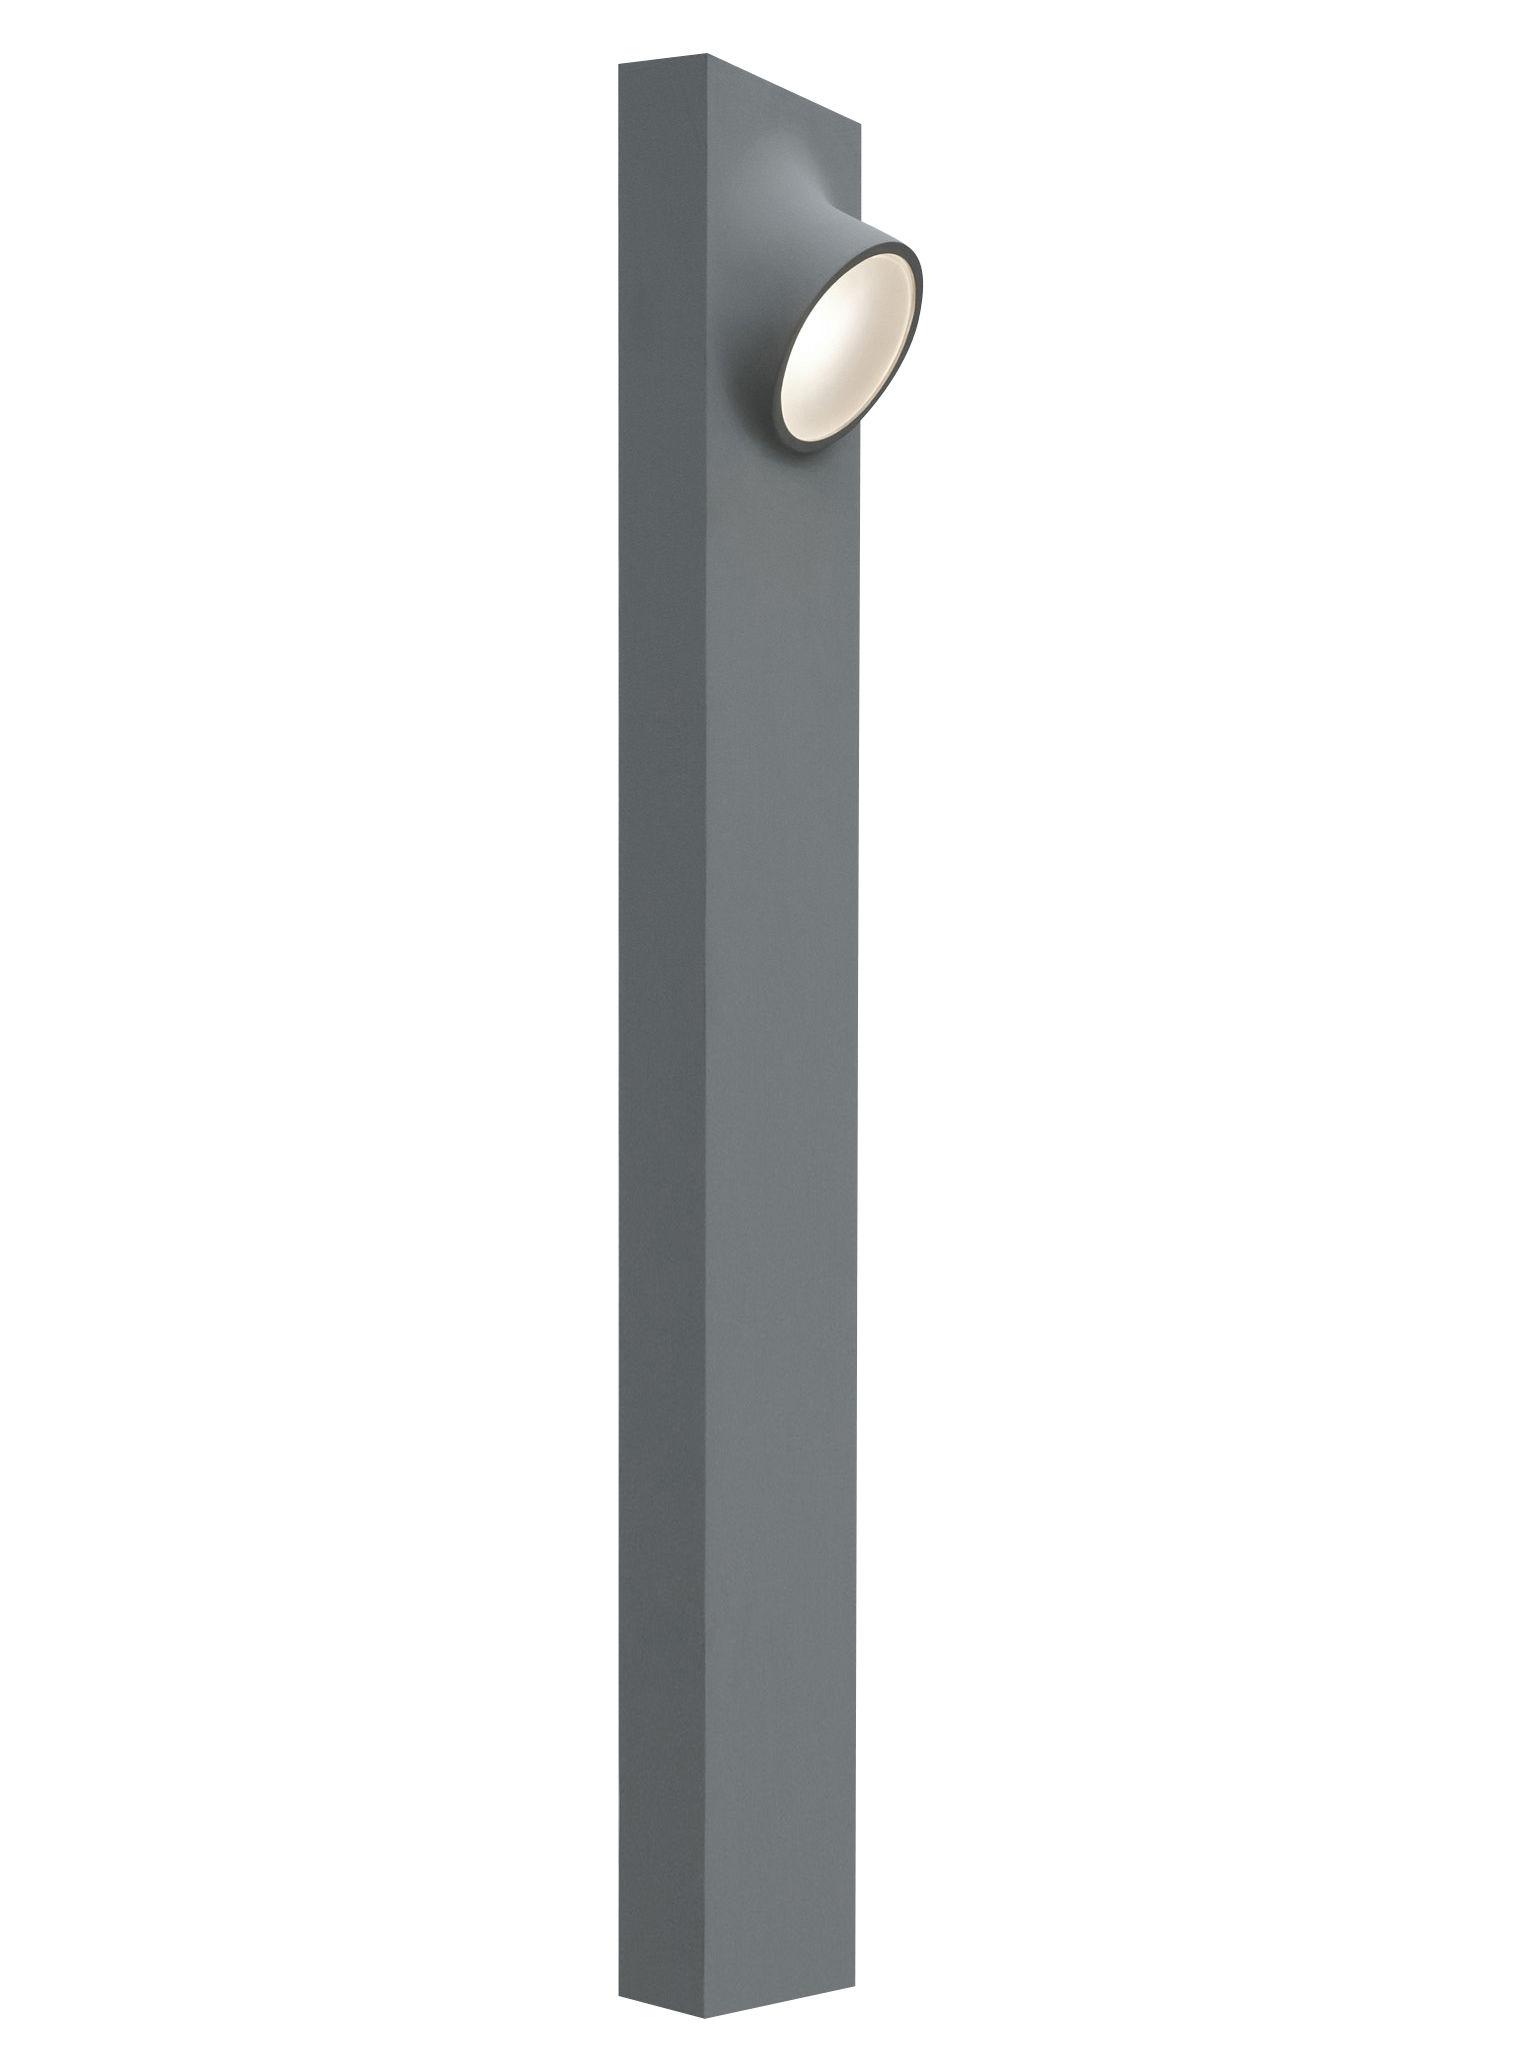 Leuchten - Außenleuchten - Ciclope Double LED Stehleuchte für außen - H 90 cm - Artemide - Grau - H 90 cm - Aluminium galvanisé